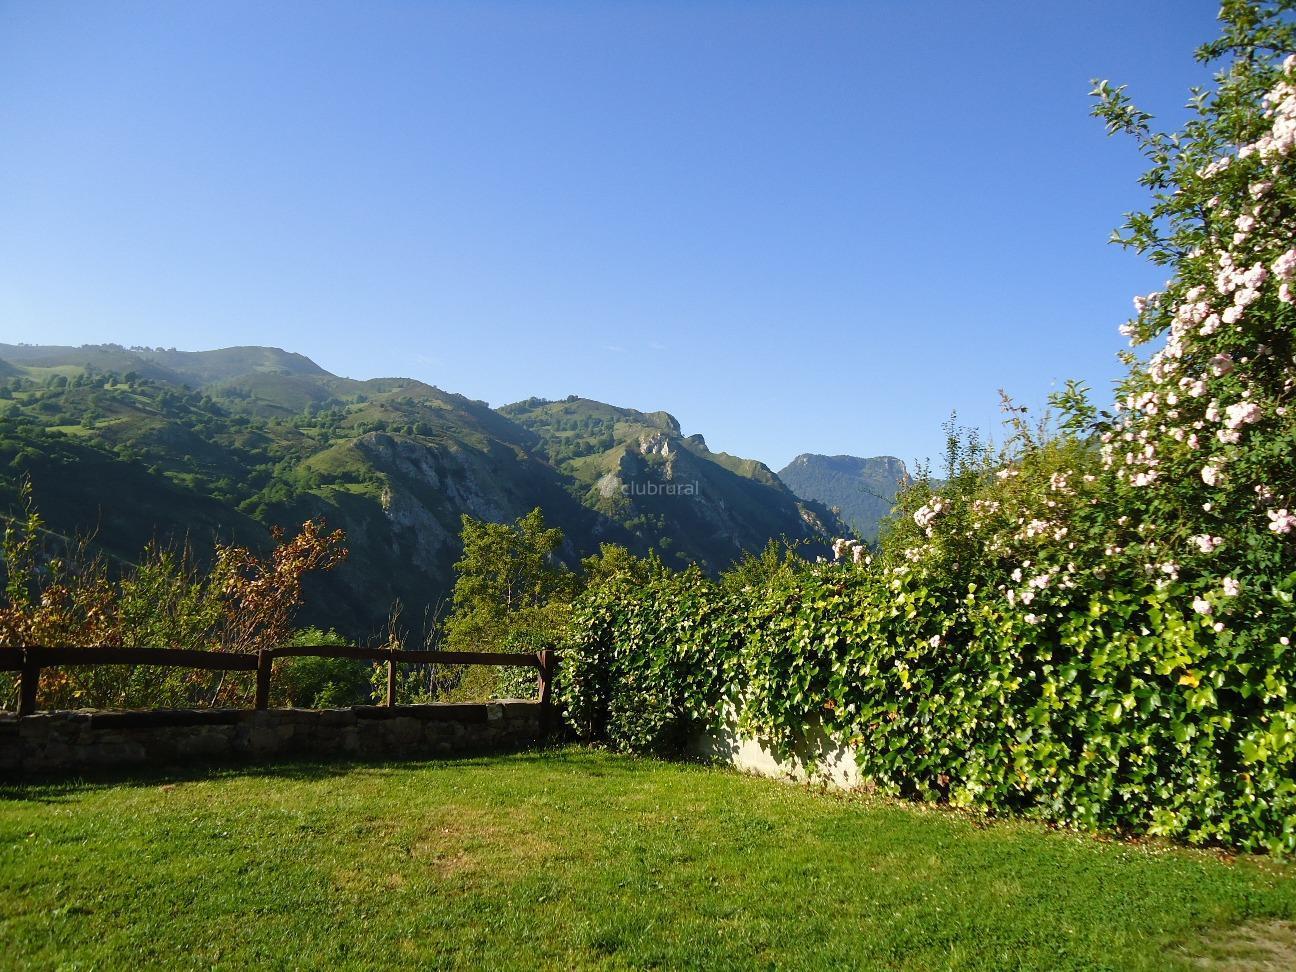 Fotos de antoxana asturias arriondas clubrural for Casa jardin asturias